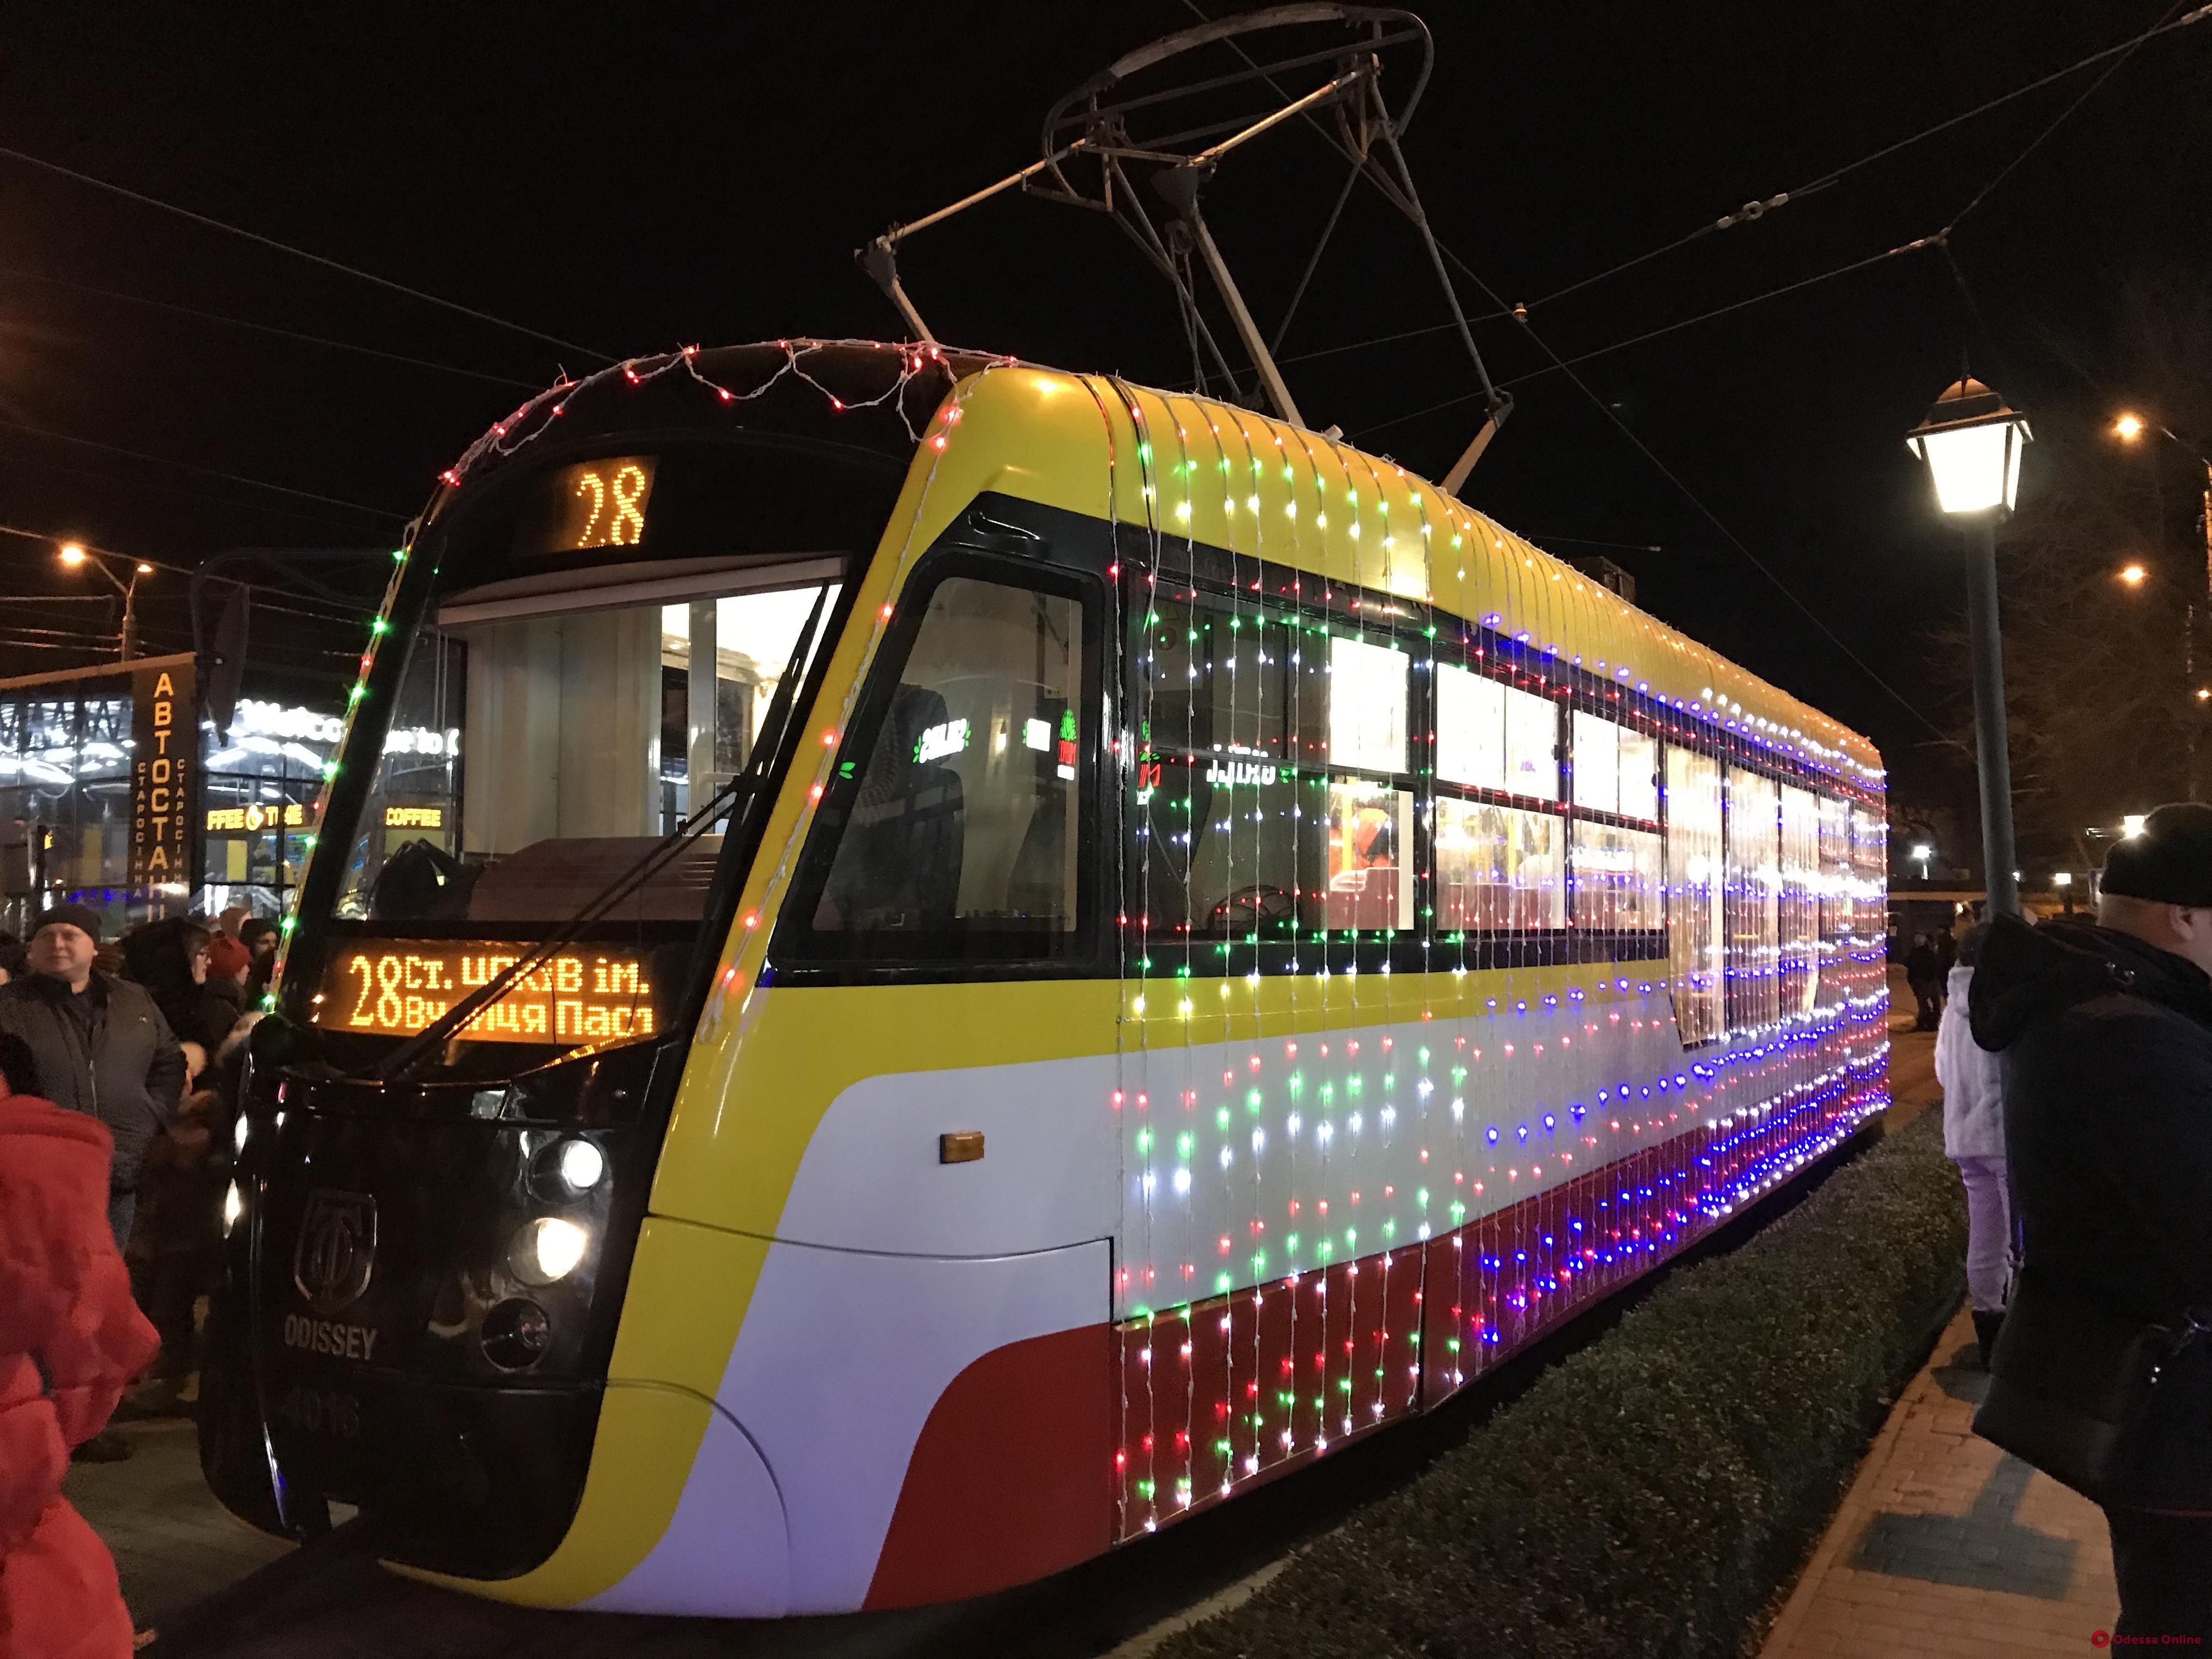 В Одессе прошел рождественский парад трамваев (фото, видео)